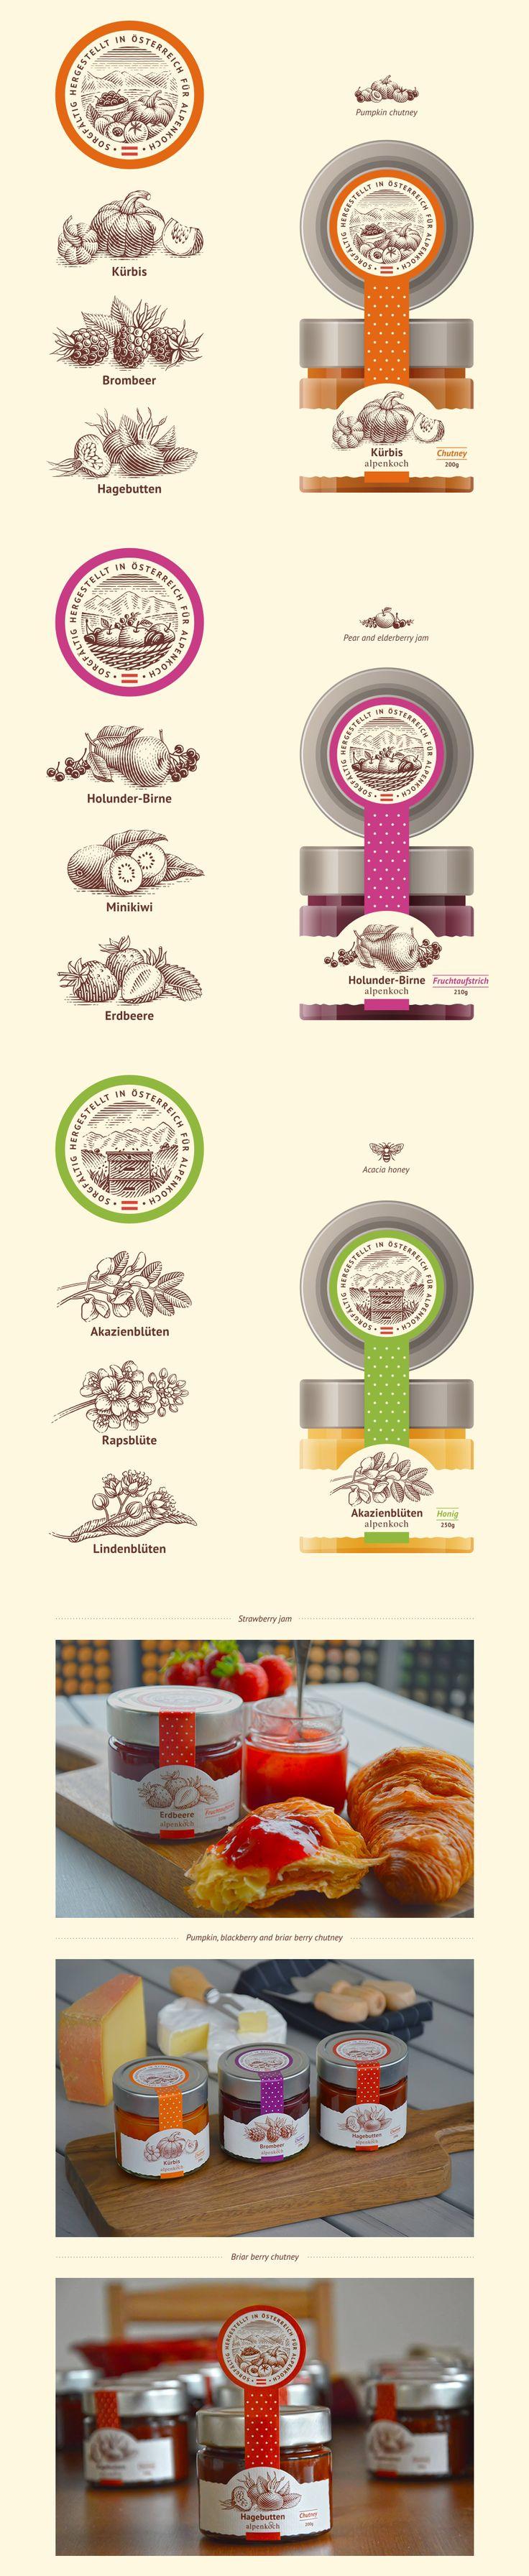 Chutney, jam and honey for Alpenkoch on Behance